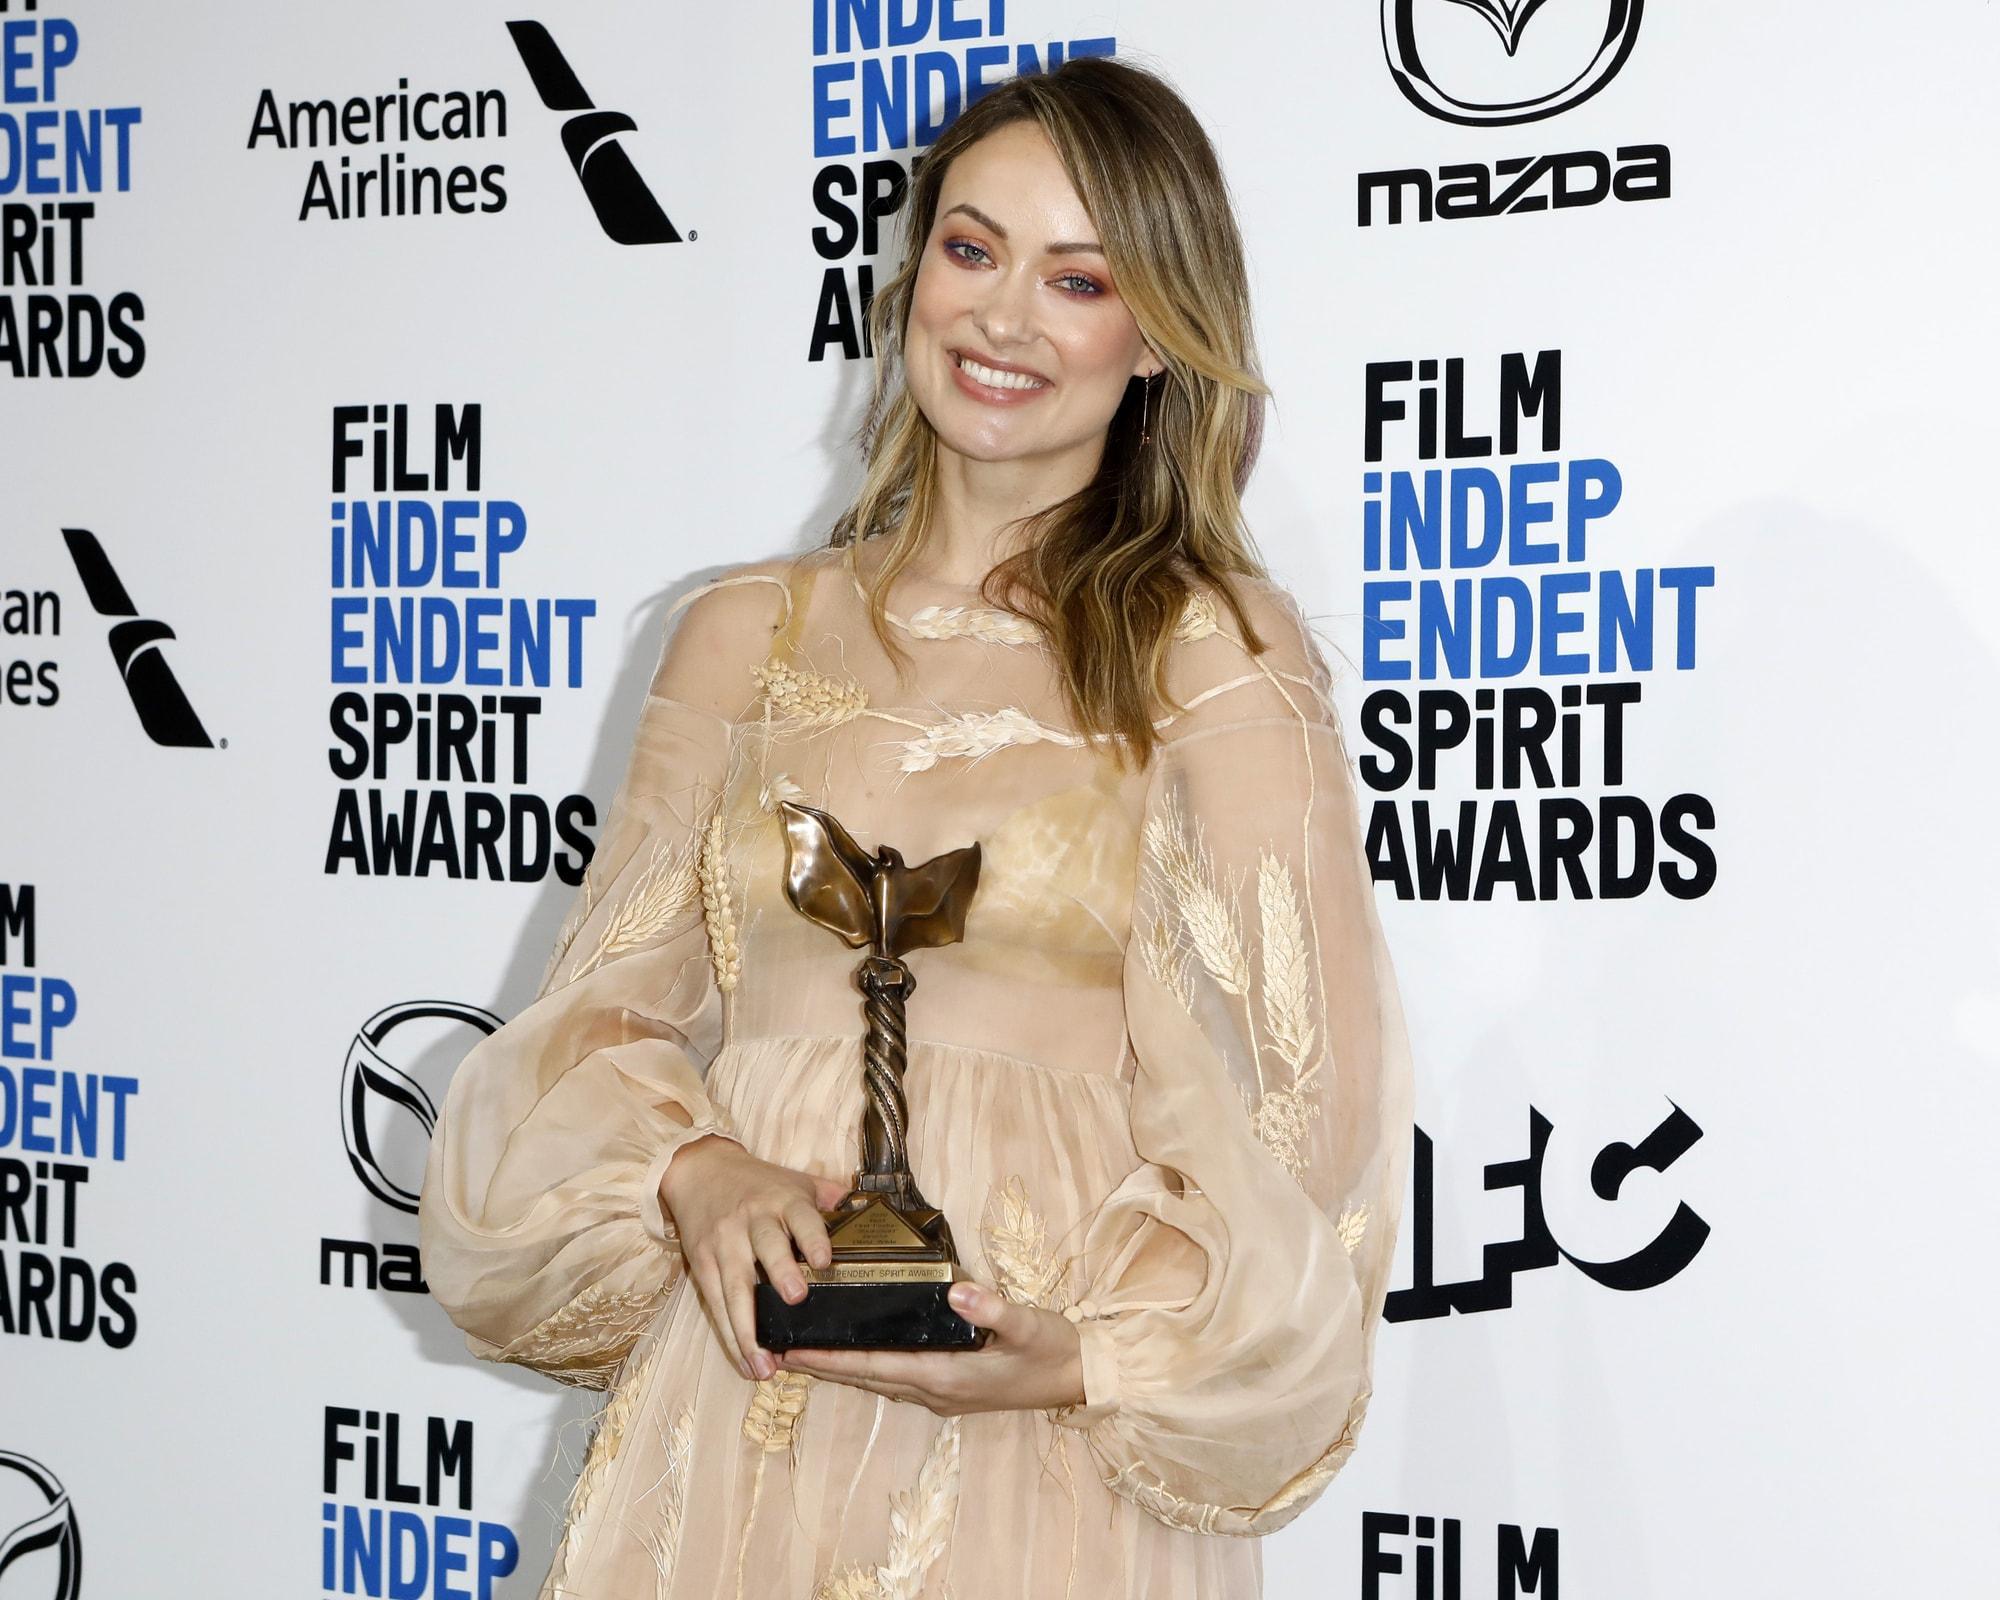 Оливия Уайлд подтвердила, что станет режиссером нового фильма Marvel о женщине-супергерое